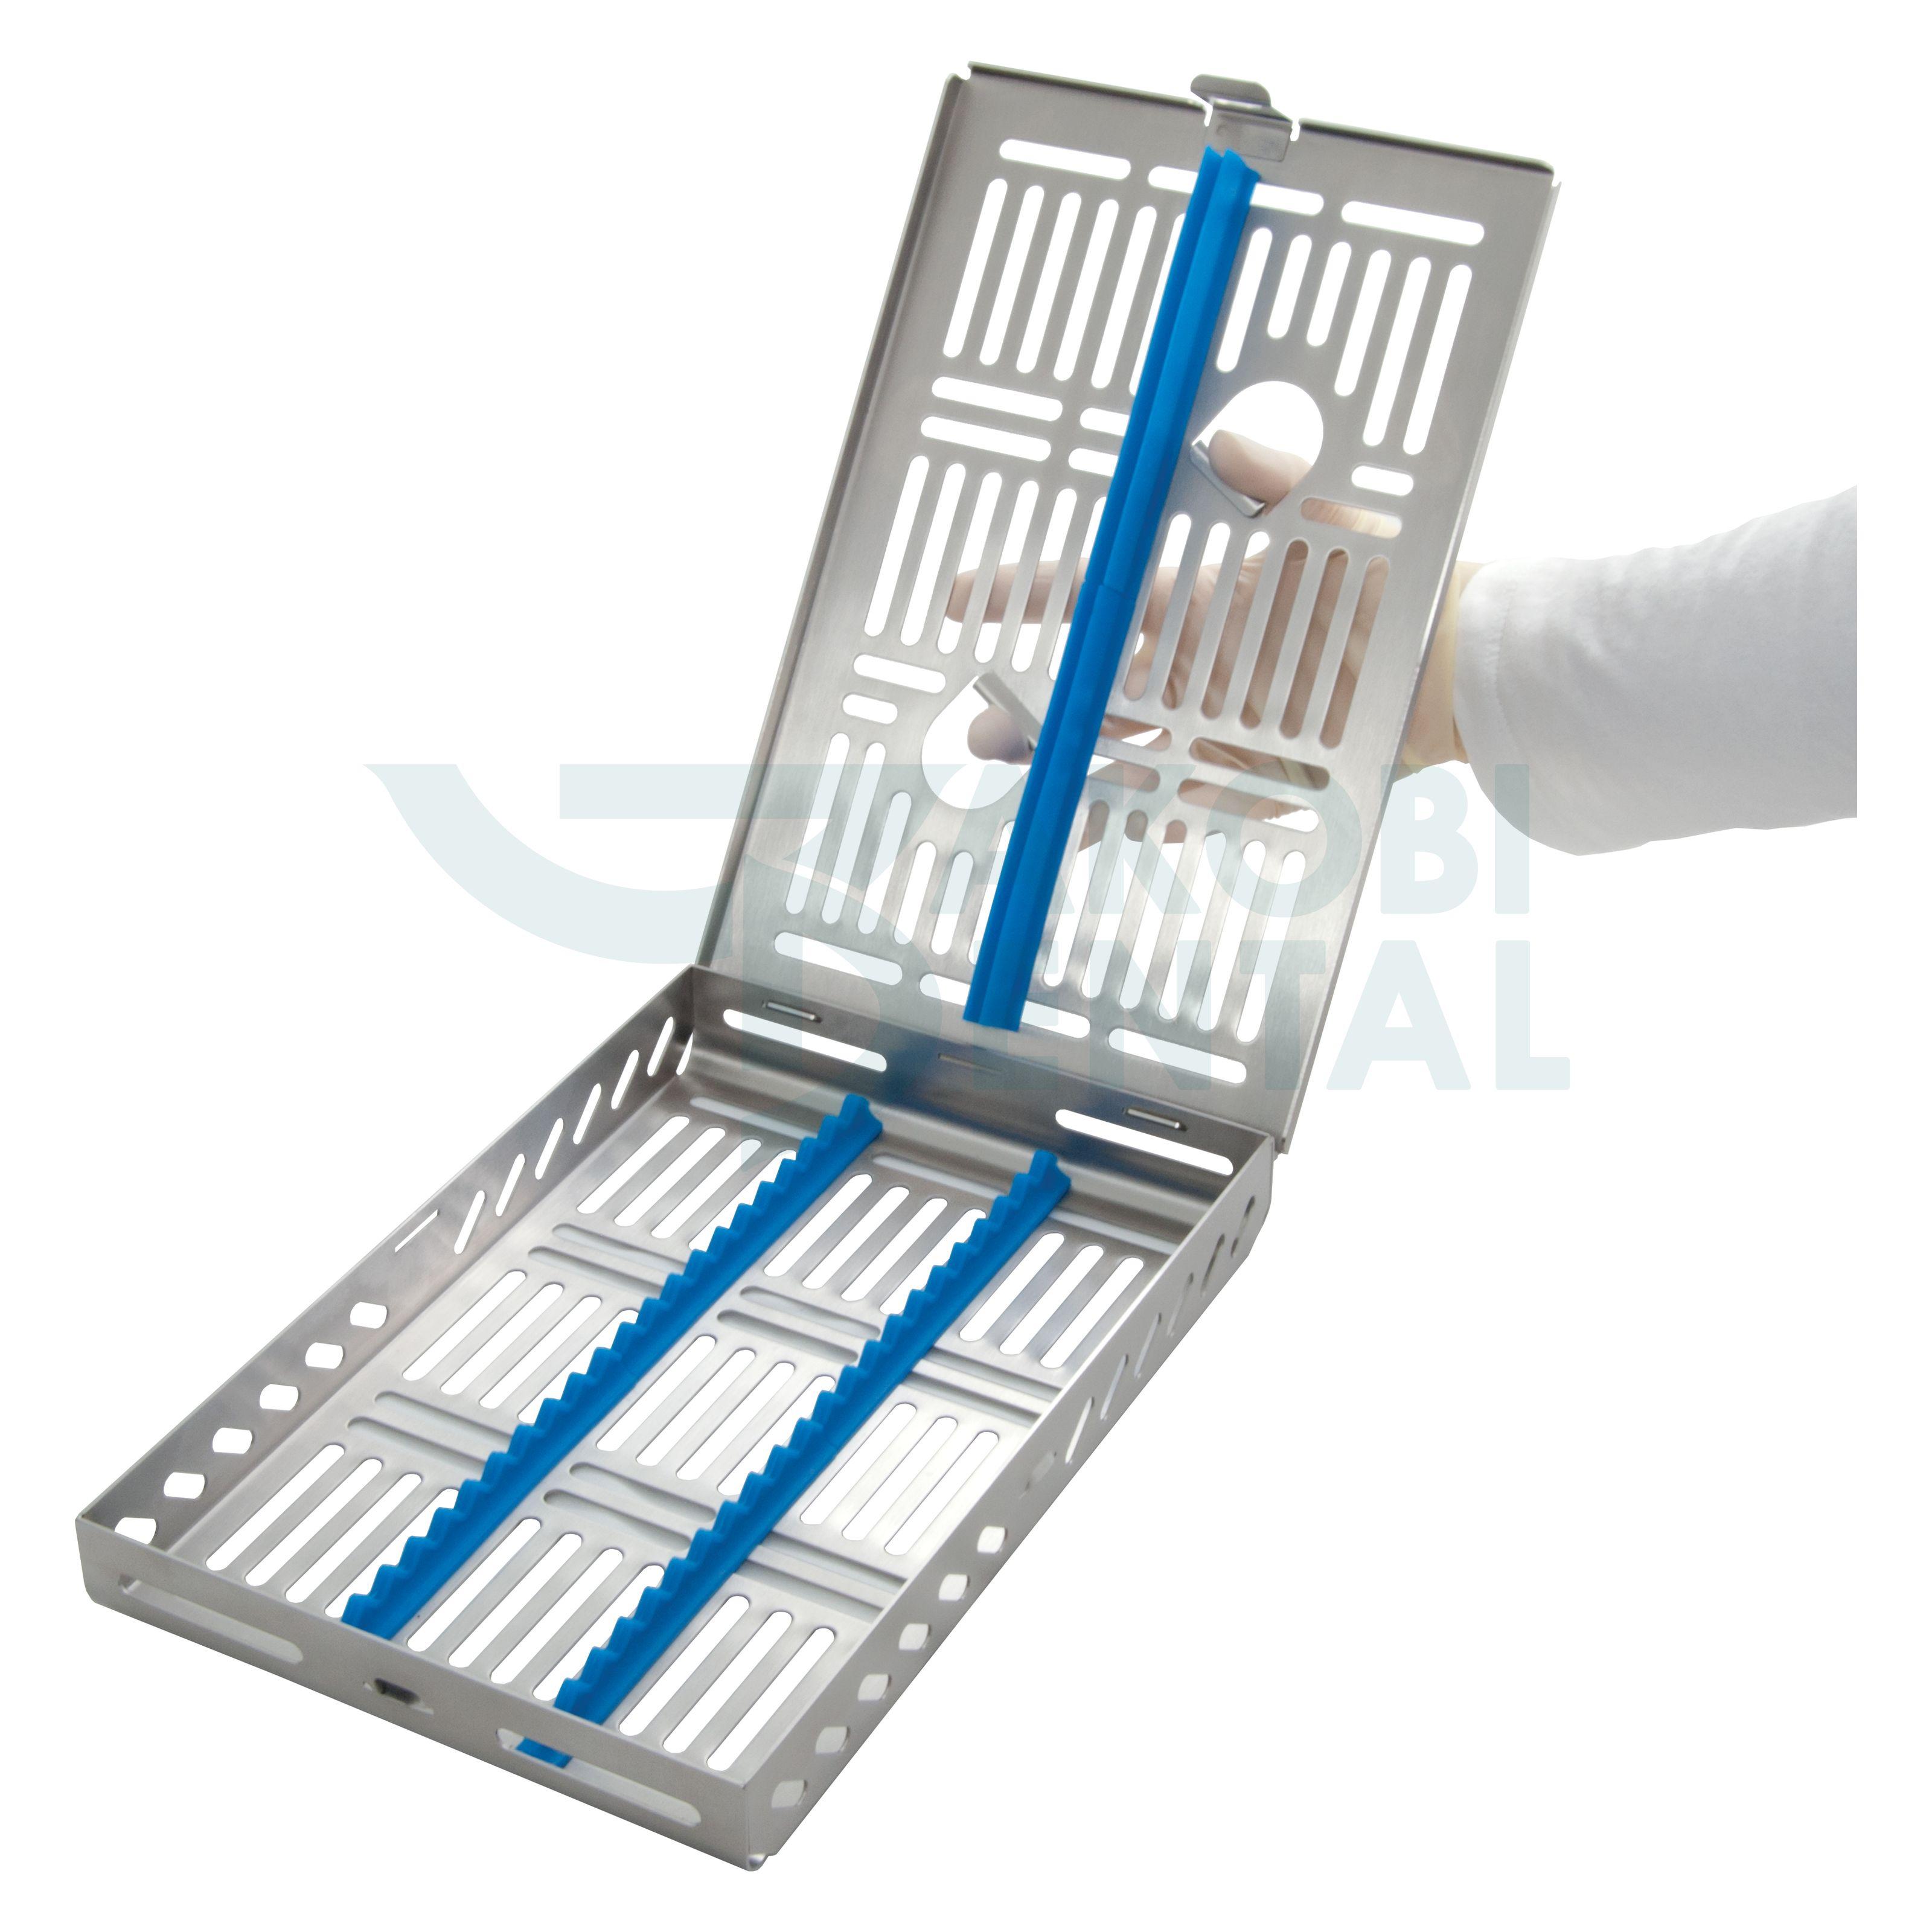 DIN Kassette / Waschtray für 21 Instr. - Farbe wählbar